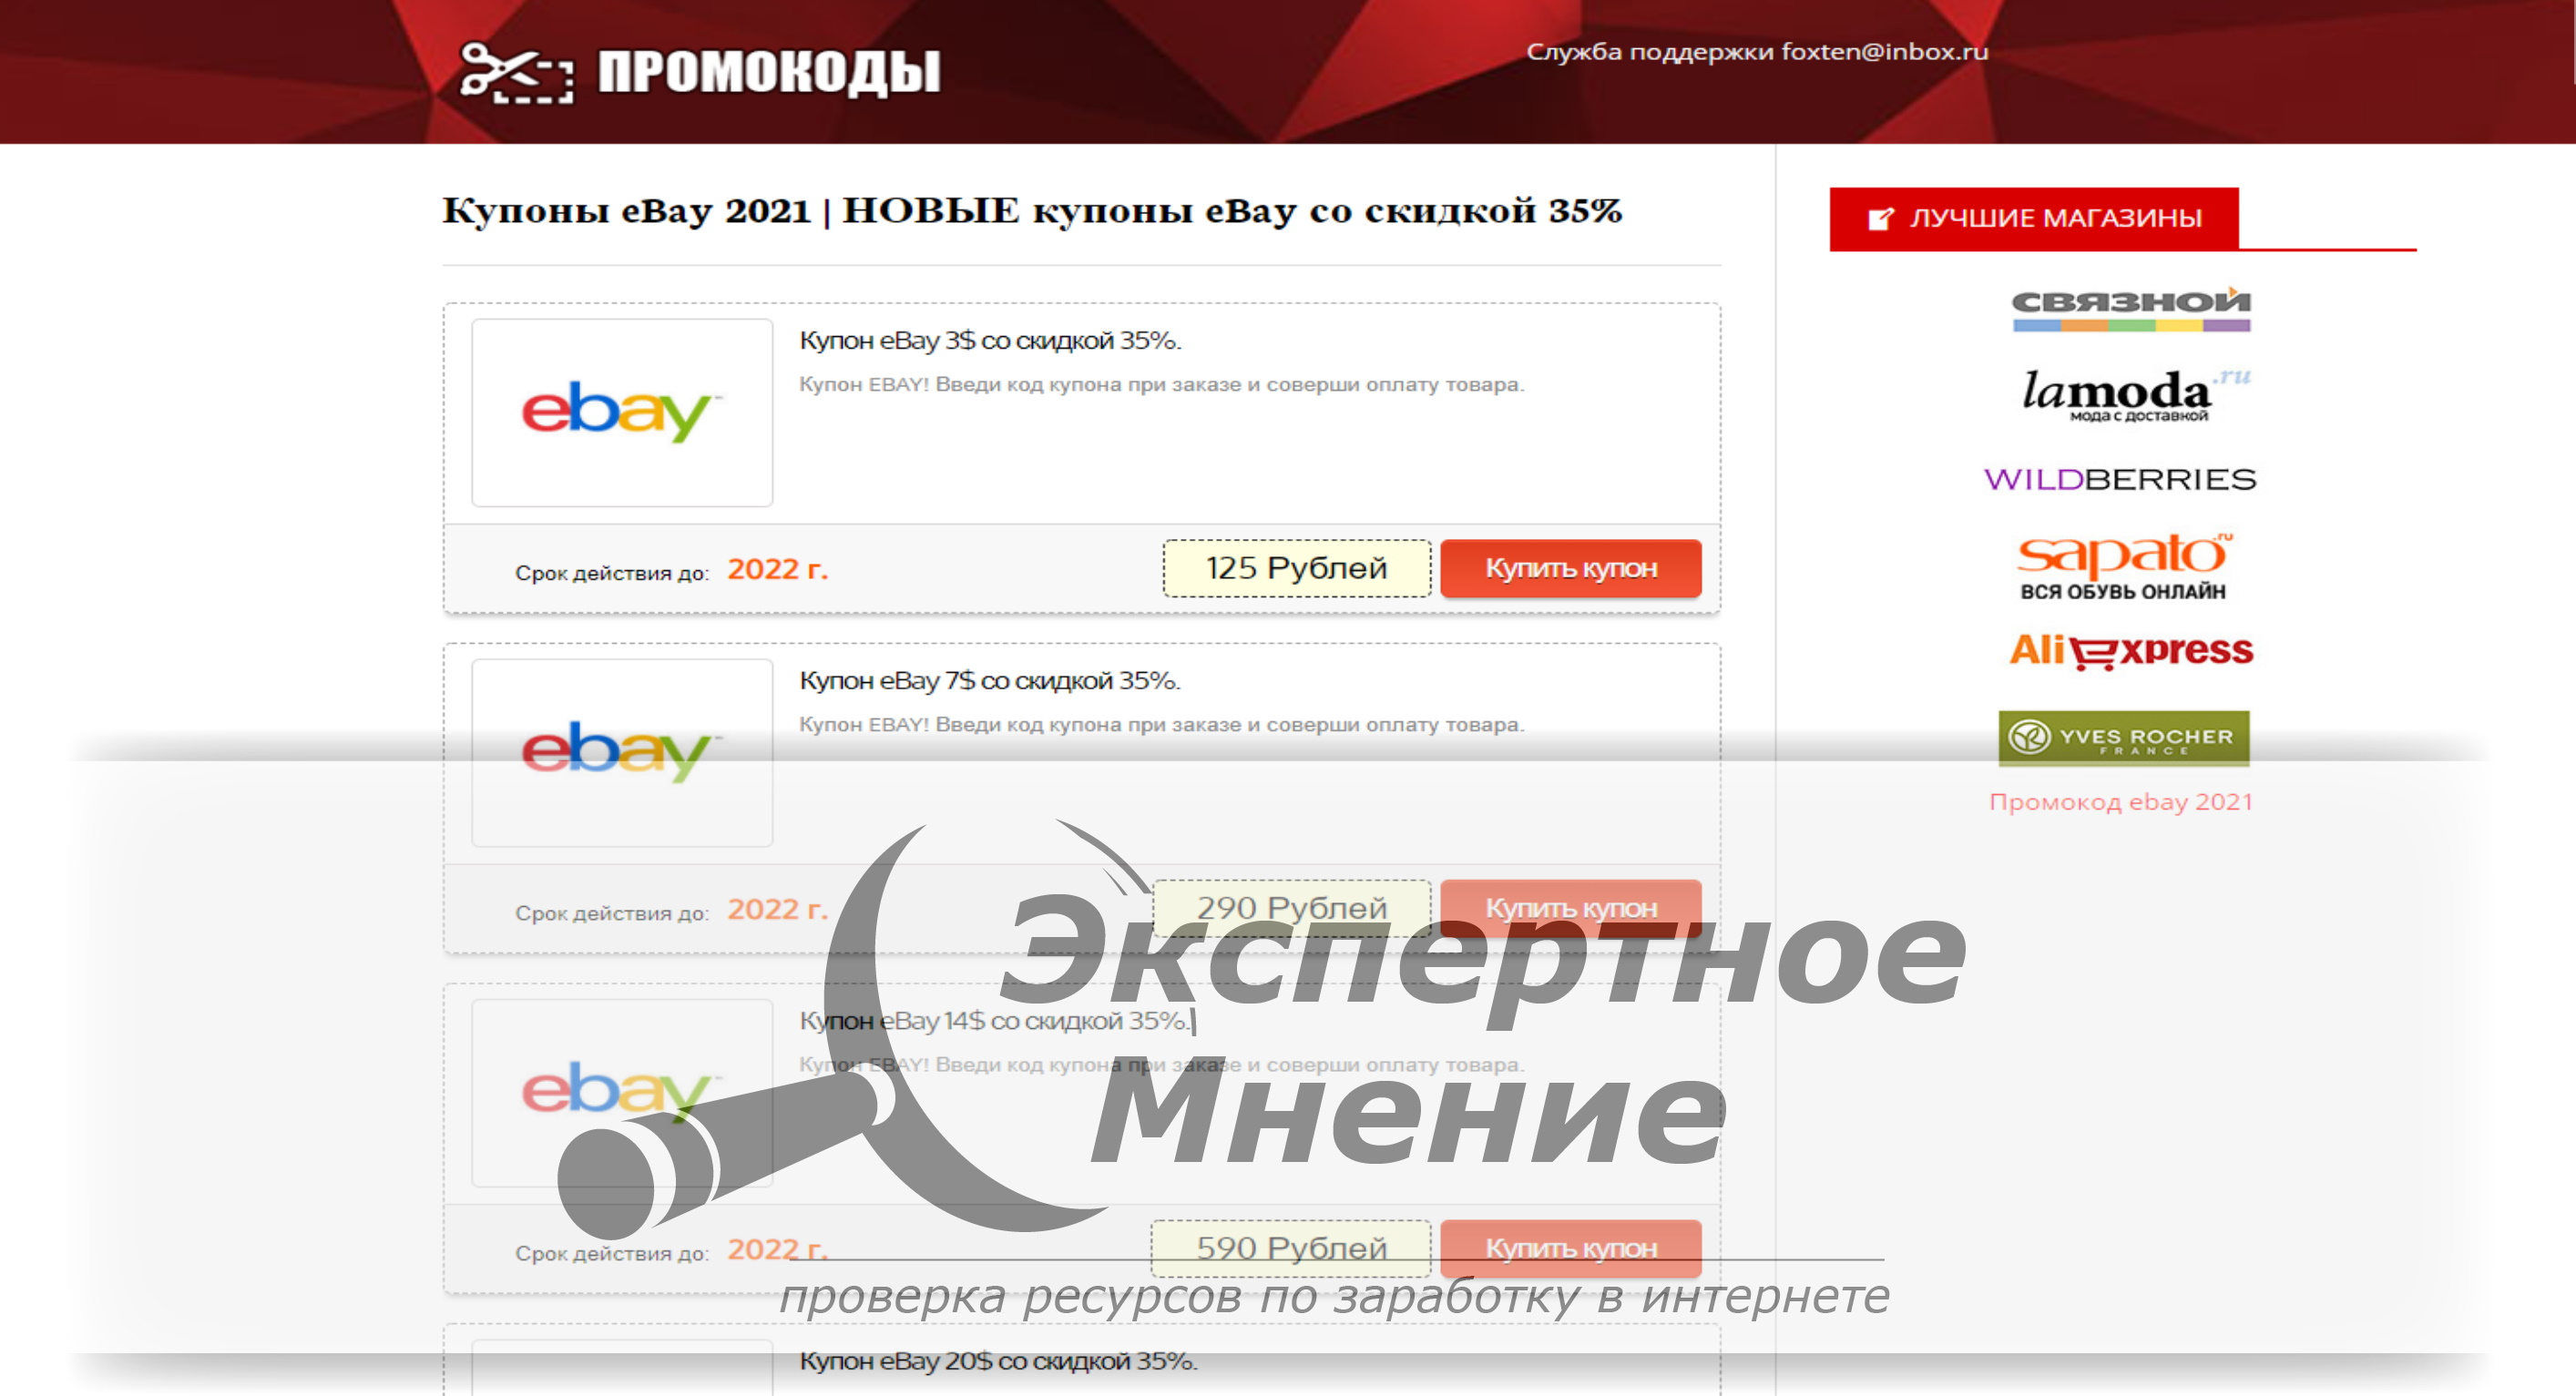 Купоны eBay 2021 со скидкой